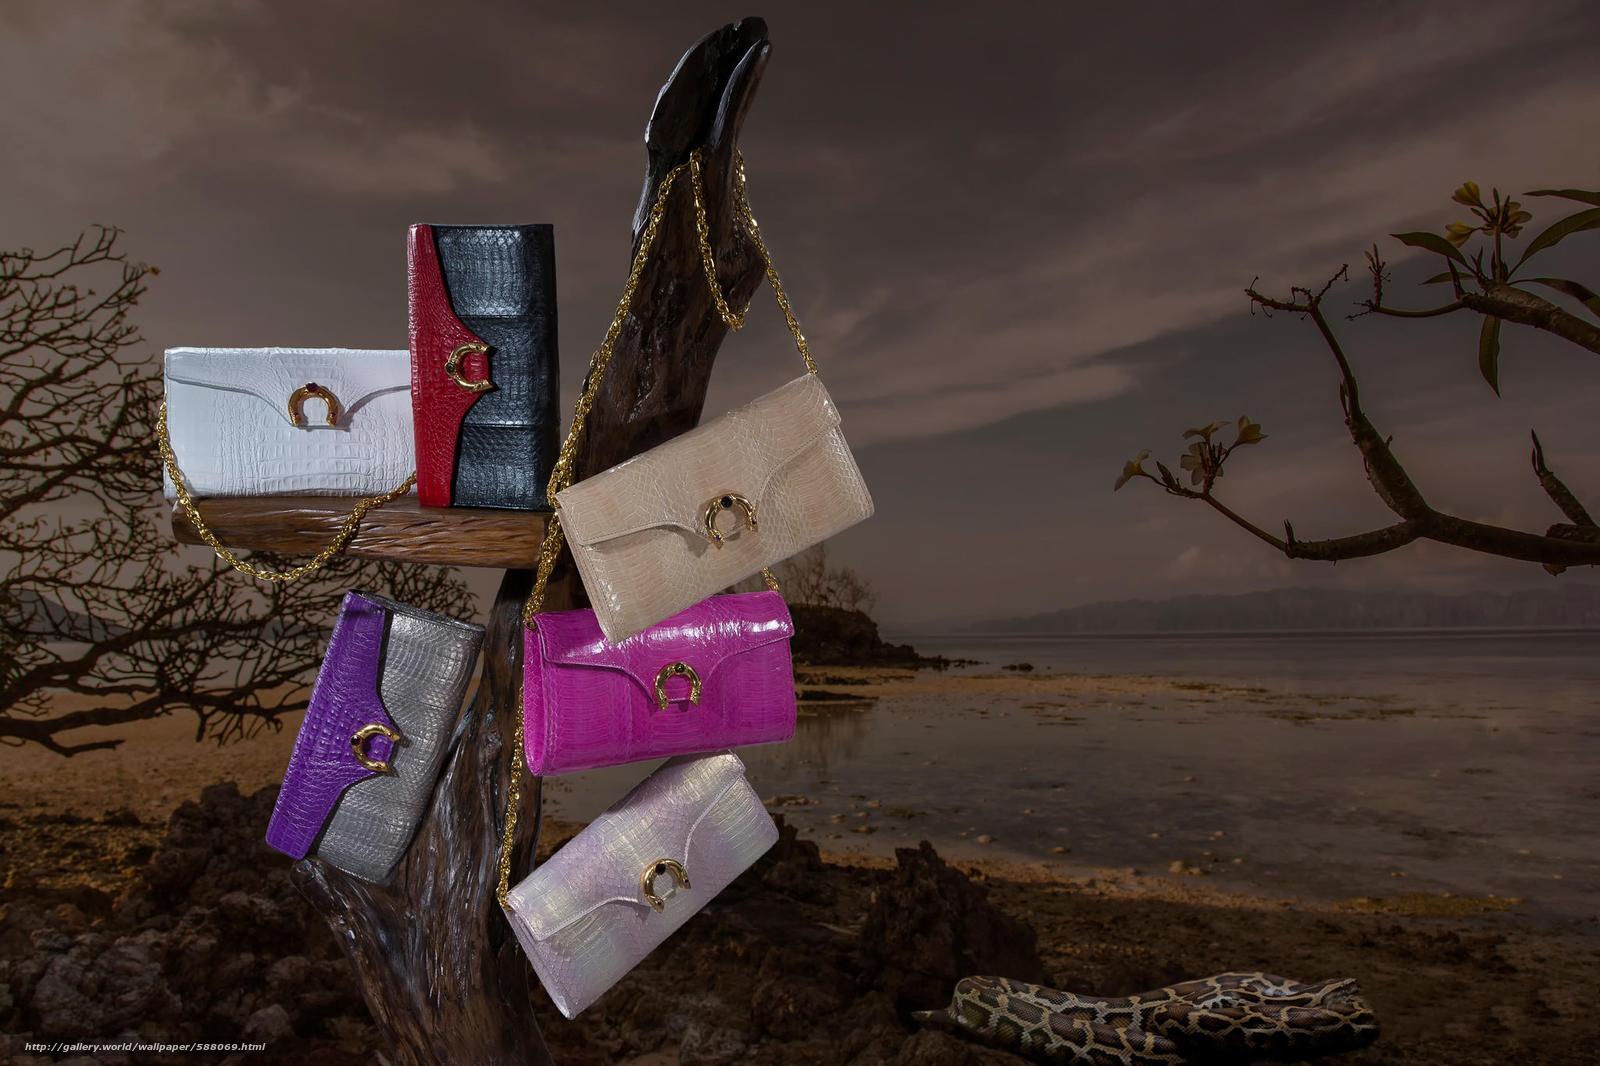 tlcharger fond d 39 ecran sacs main serpent fonds d 39 ecran gratuits pour votre rsolution du. Black Bedroom Furniture Sets. Home Design Ideas